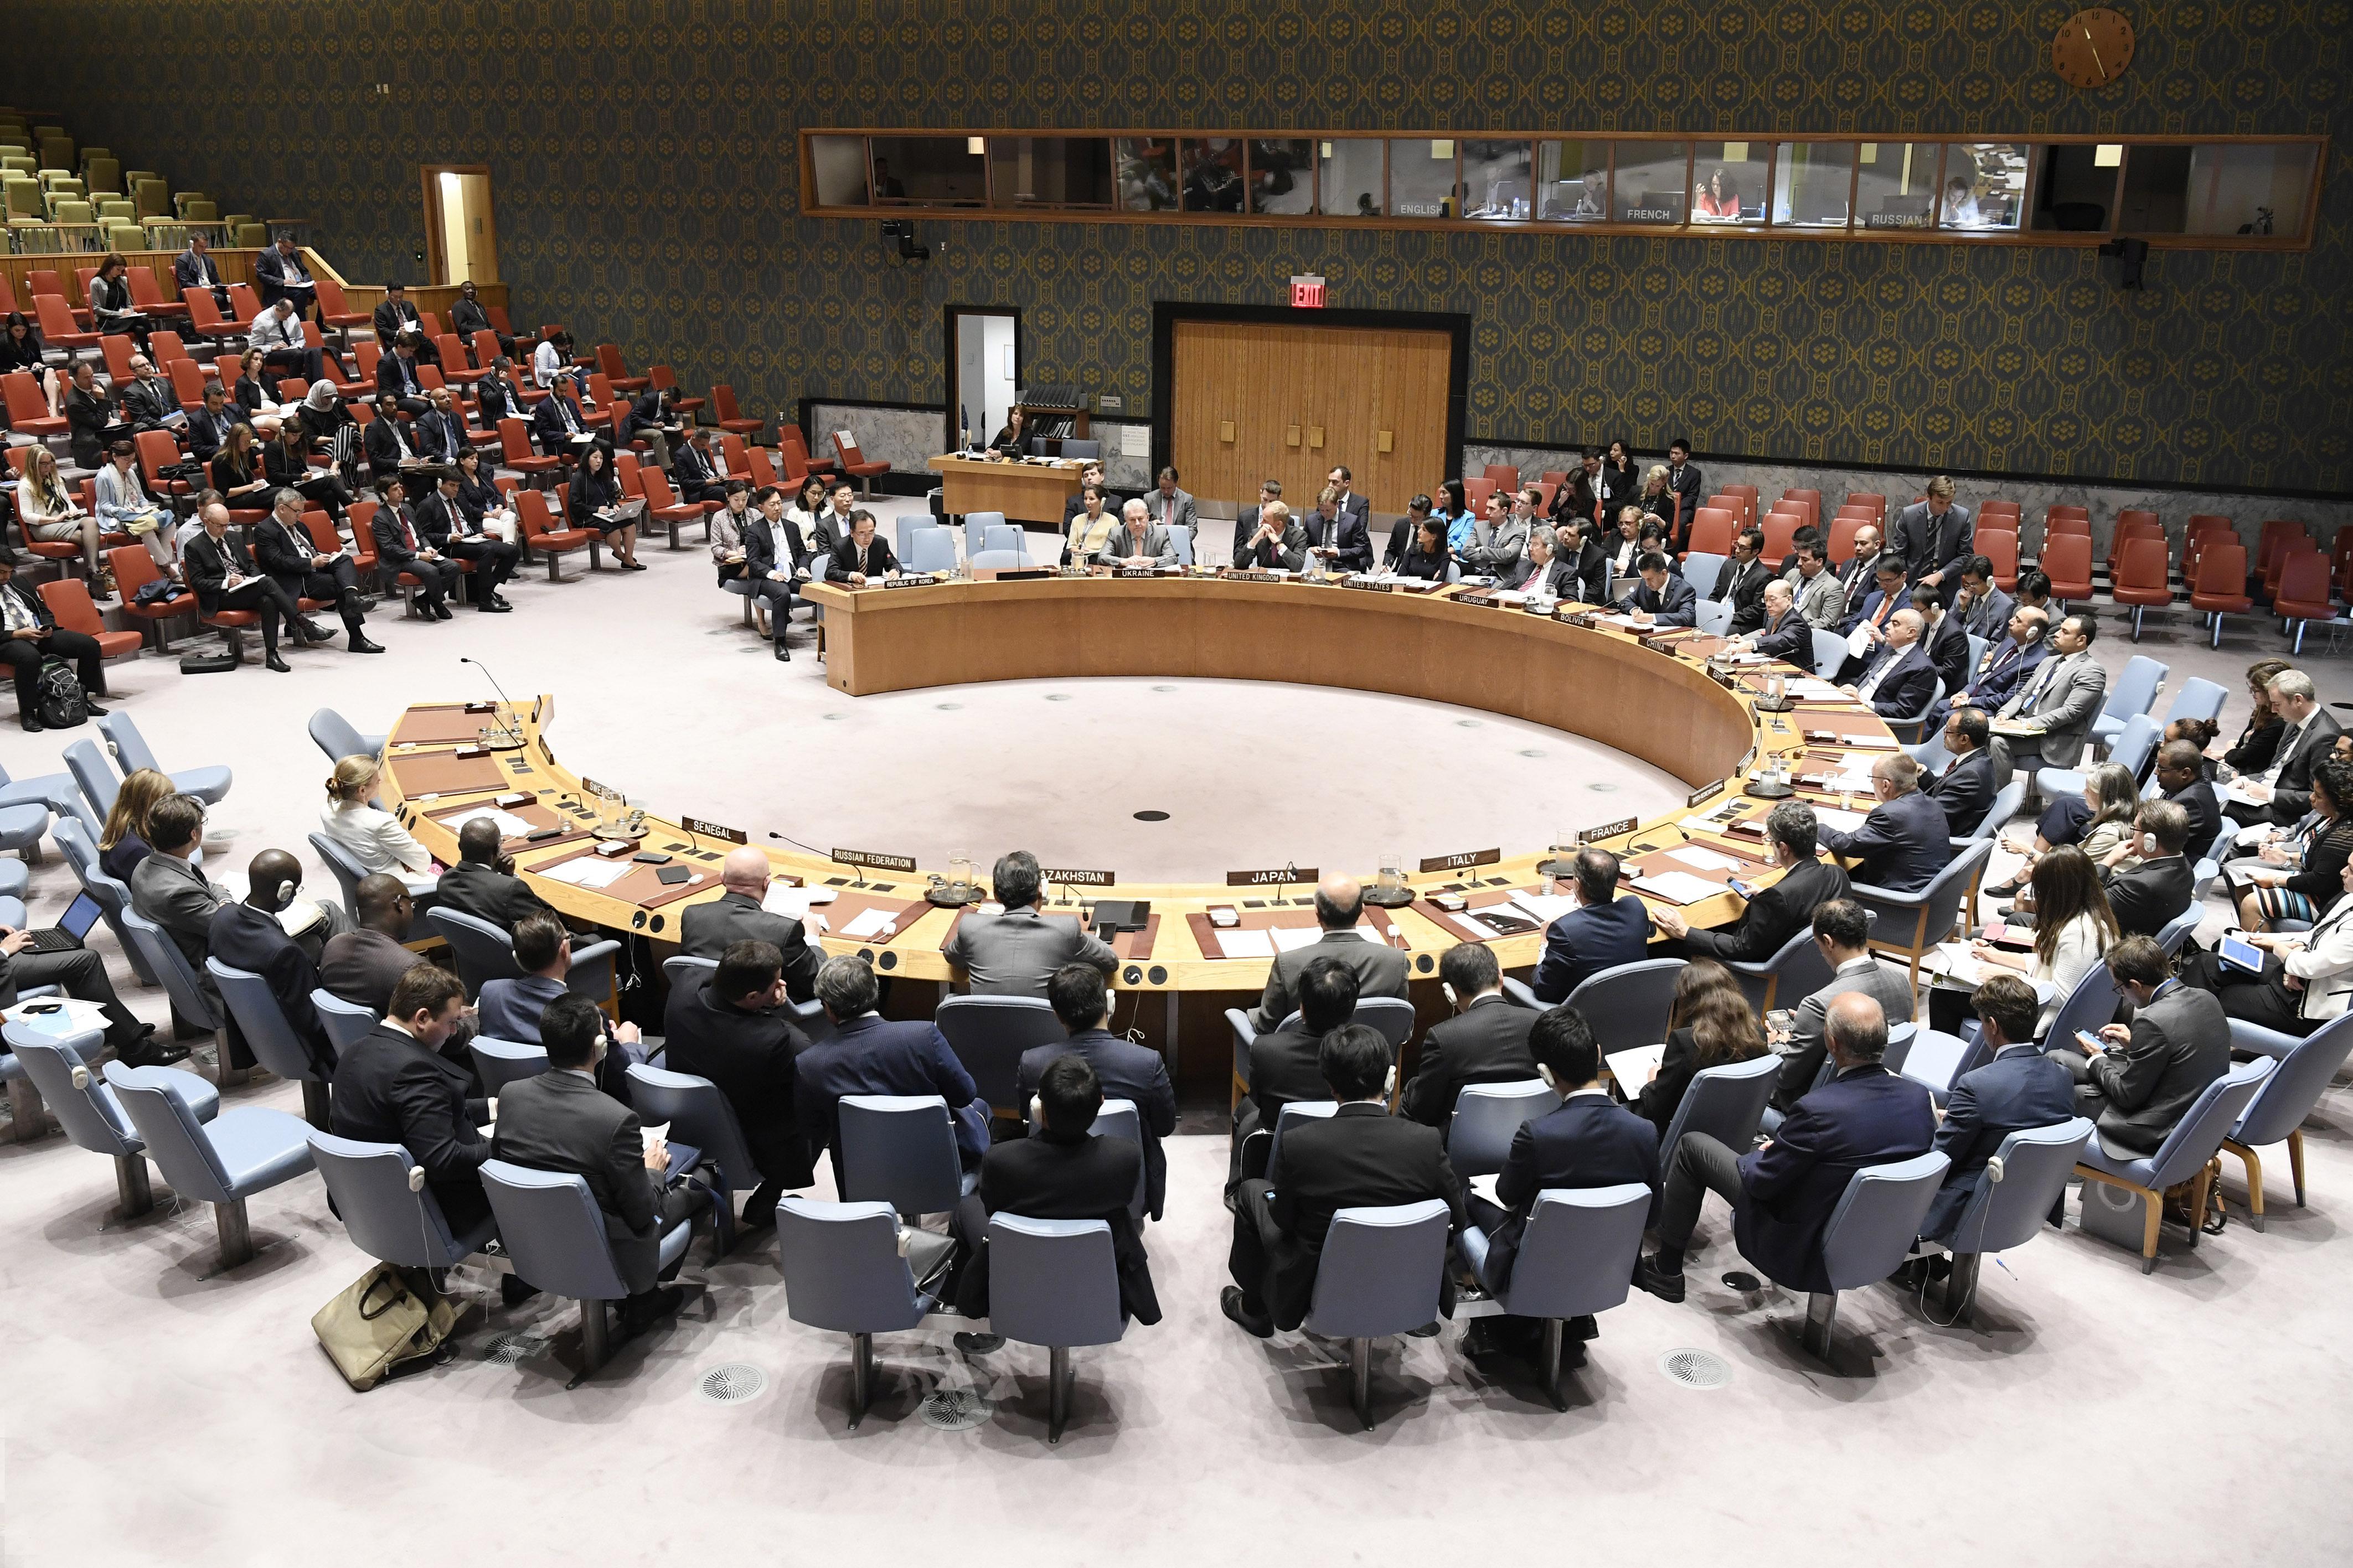 Consiliul de Securitate al ONU, şedinţă de urgenţă pentru a discuta statutul Ierusalimului, după decizia lui Donald Trump de a-l recunoaşte drept capitala Israelului